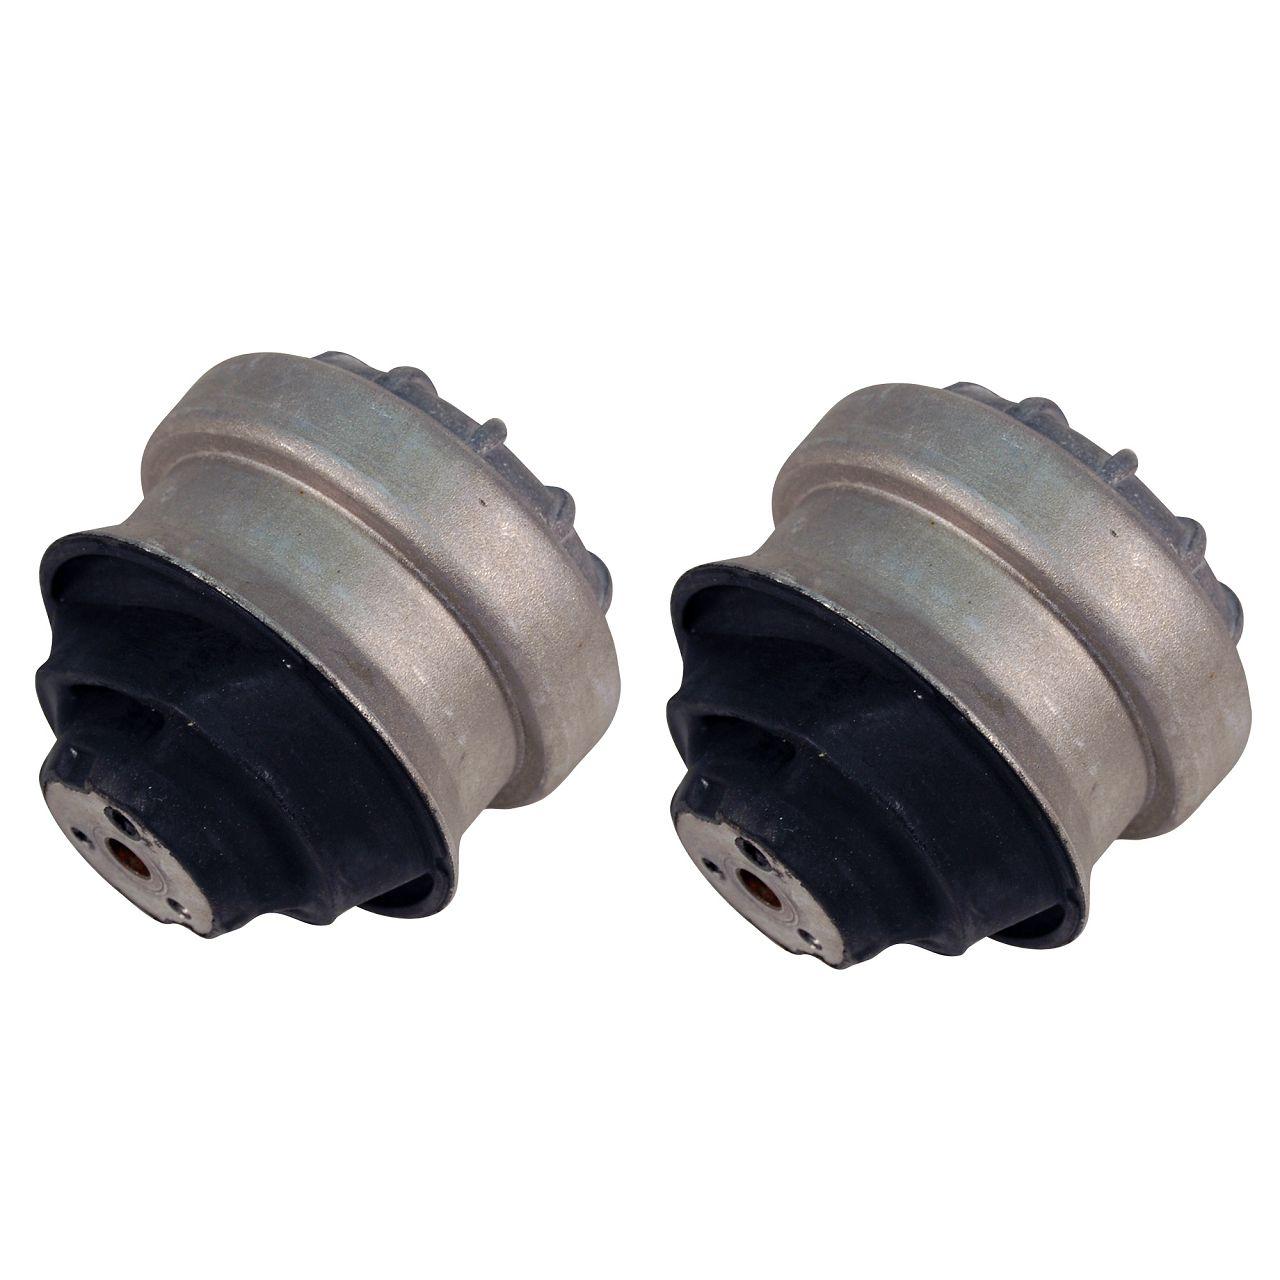 2x AIC 50182 Motorlager Hydrolager Motorhalter für MERCEDES 190 W201 W124 vorne